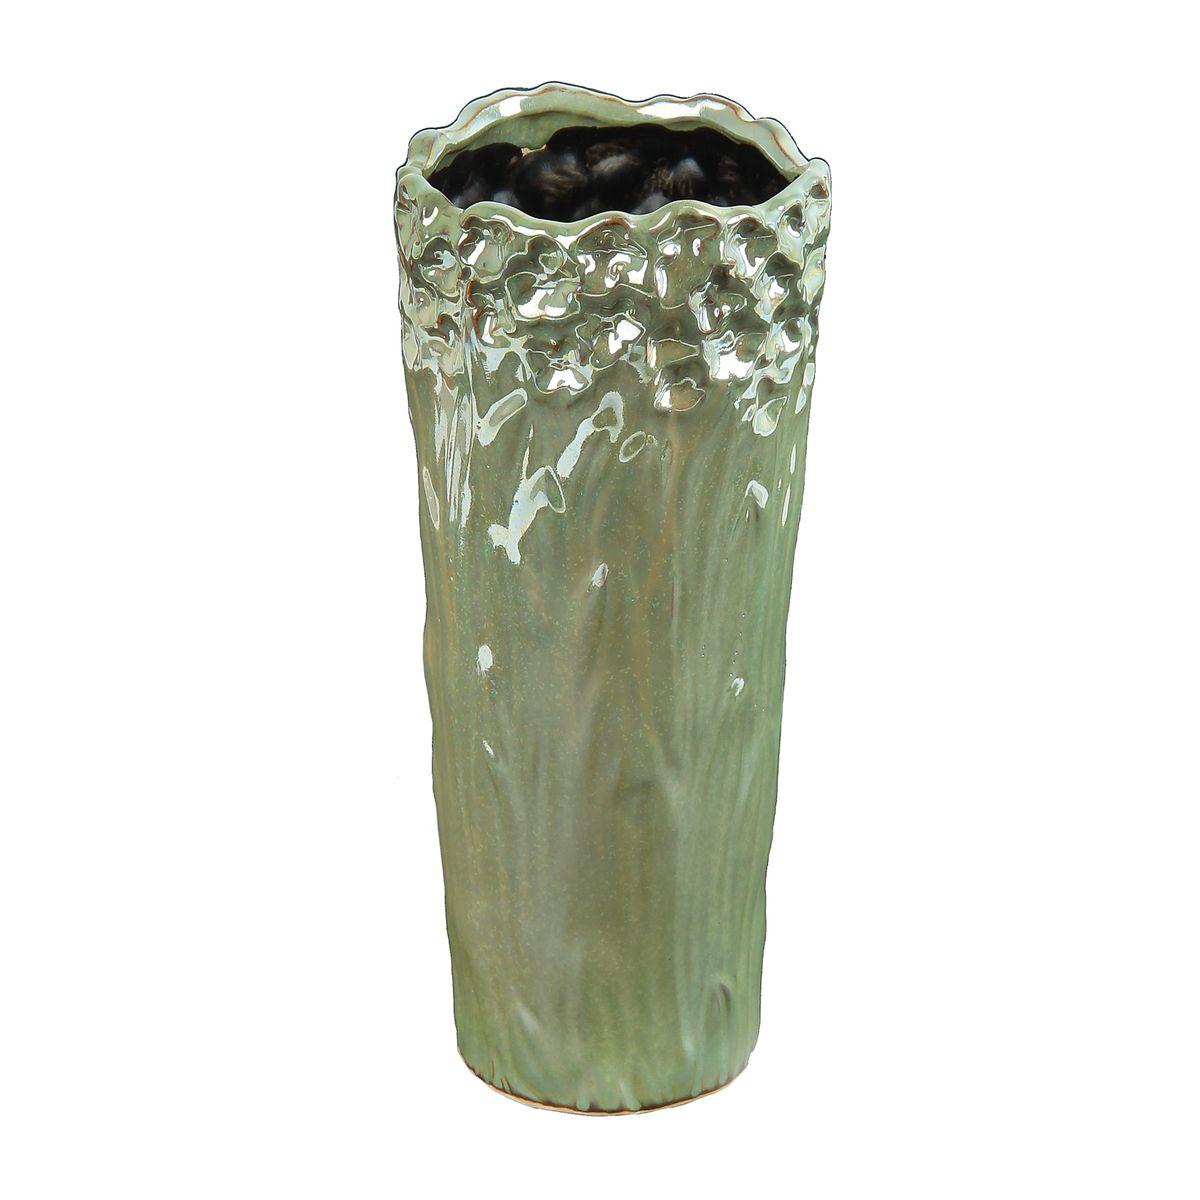 Ваза Sima-land Перелив, высота 27 смFS-80423Ваза Sima-land Перелив изготовлена из высококачественной керамики и оснащена антискользящими накладками на дне. Такая стильная ваза с легкостьювпишется практически в любой интерьер. Она станет изумительным подарком, которыйдоставит радость, ведь это не только красивый, но еще и функциональный презент.